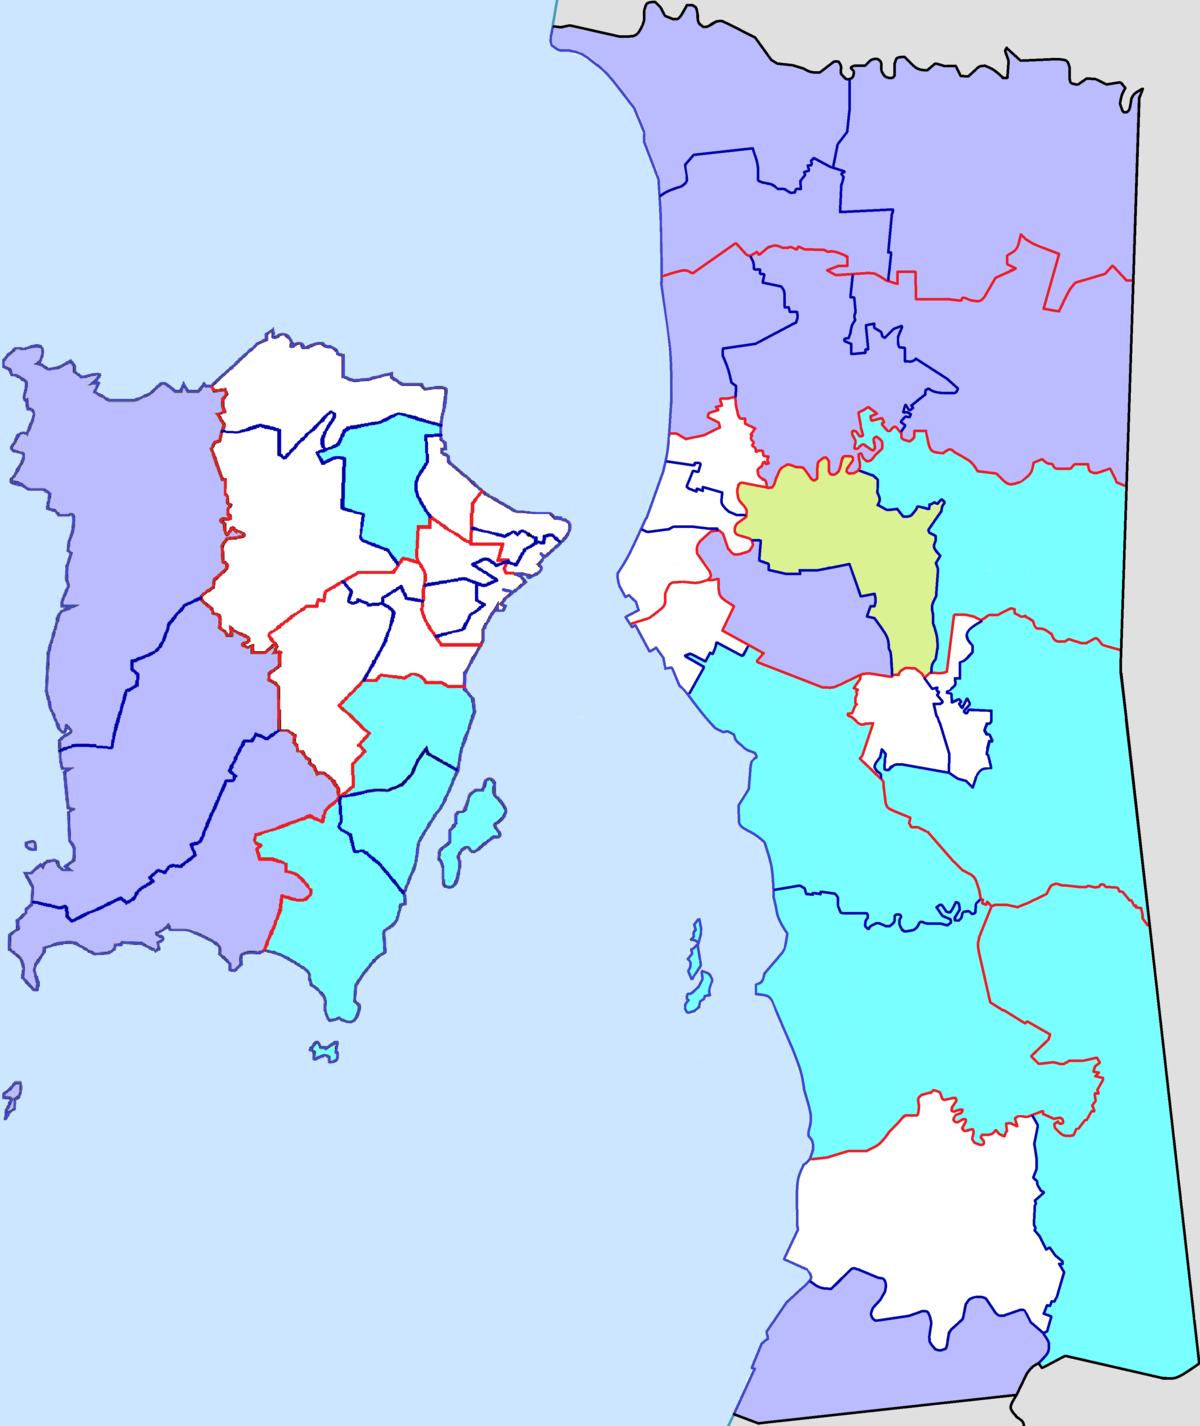 Elecciones estatales de Penang de 2008 - Wikipedia, la enciclopedia ...